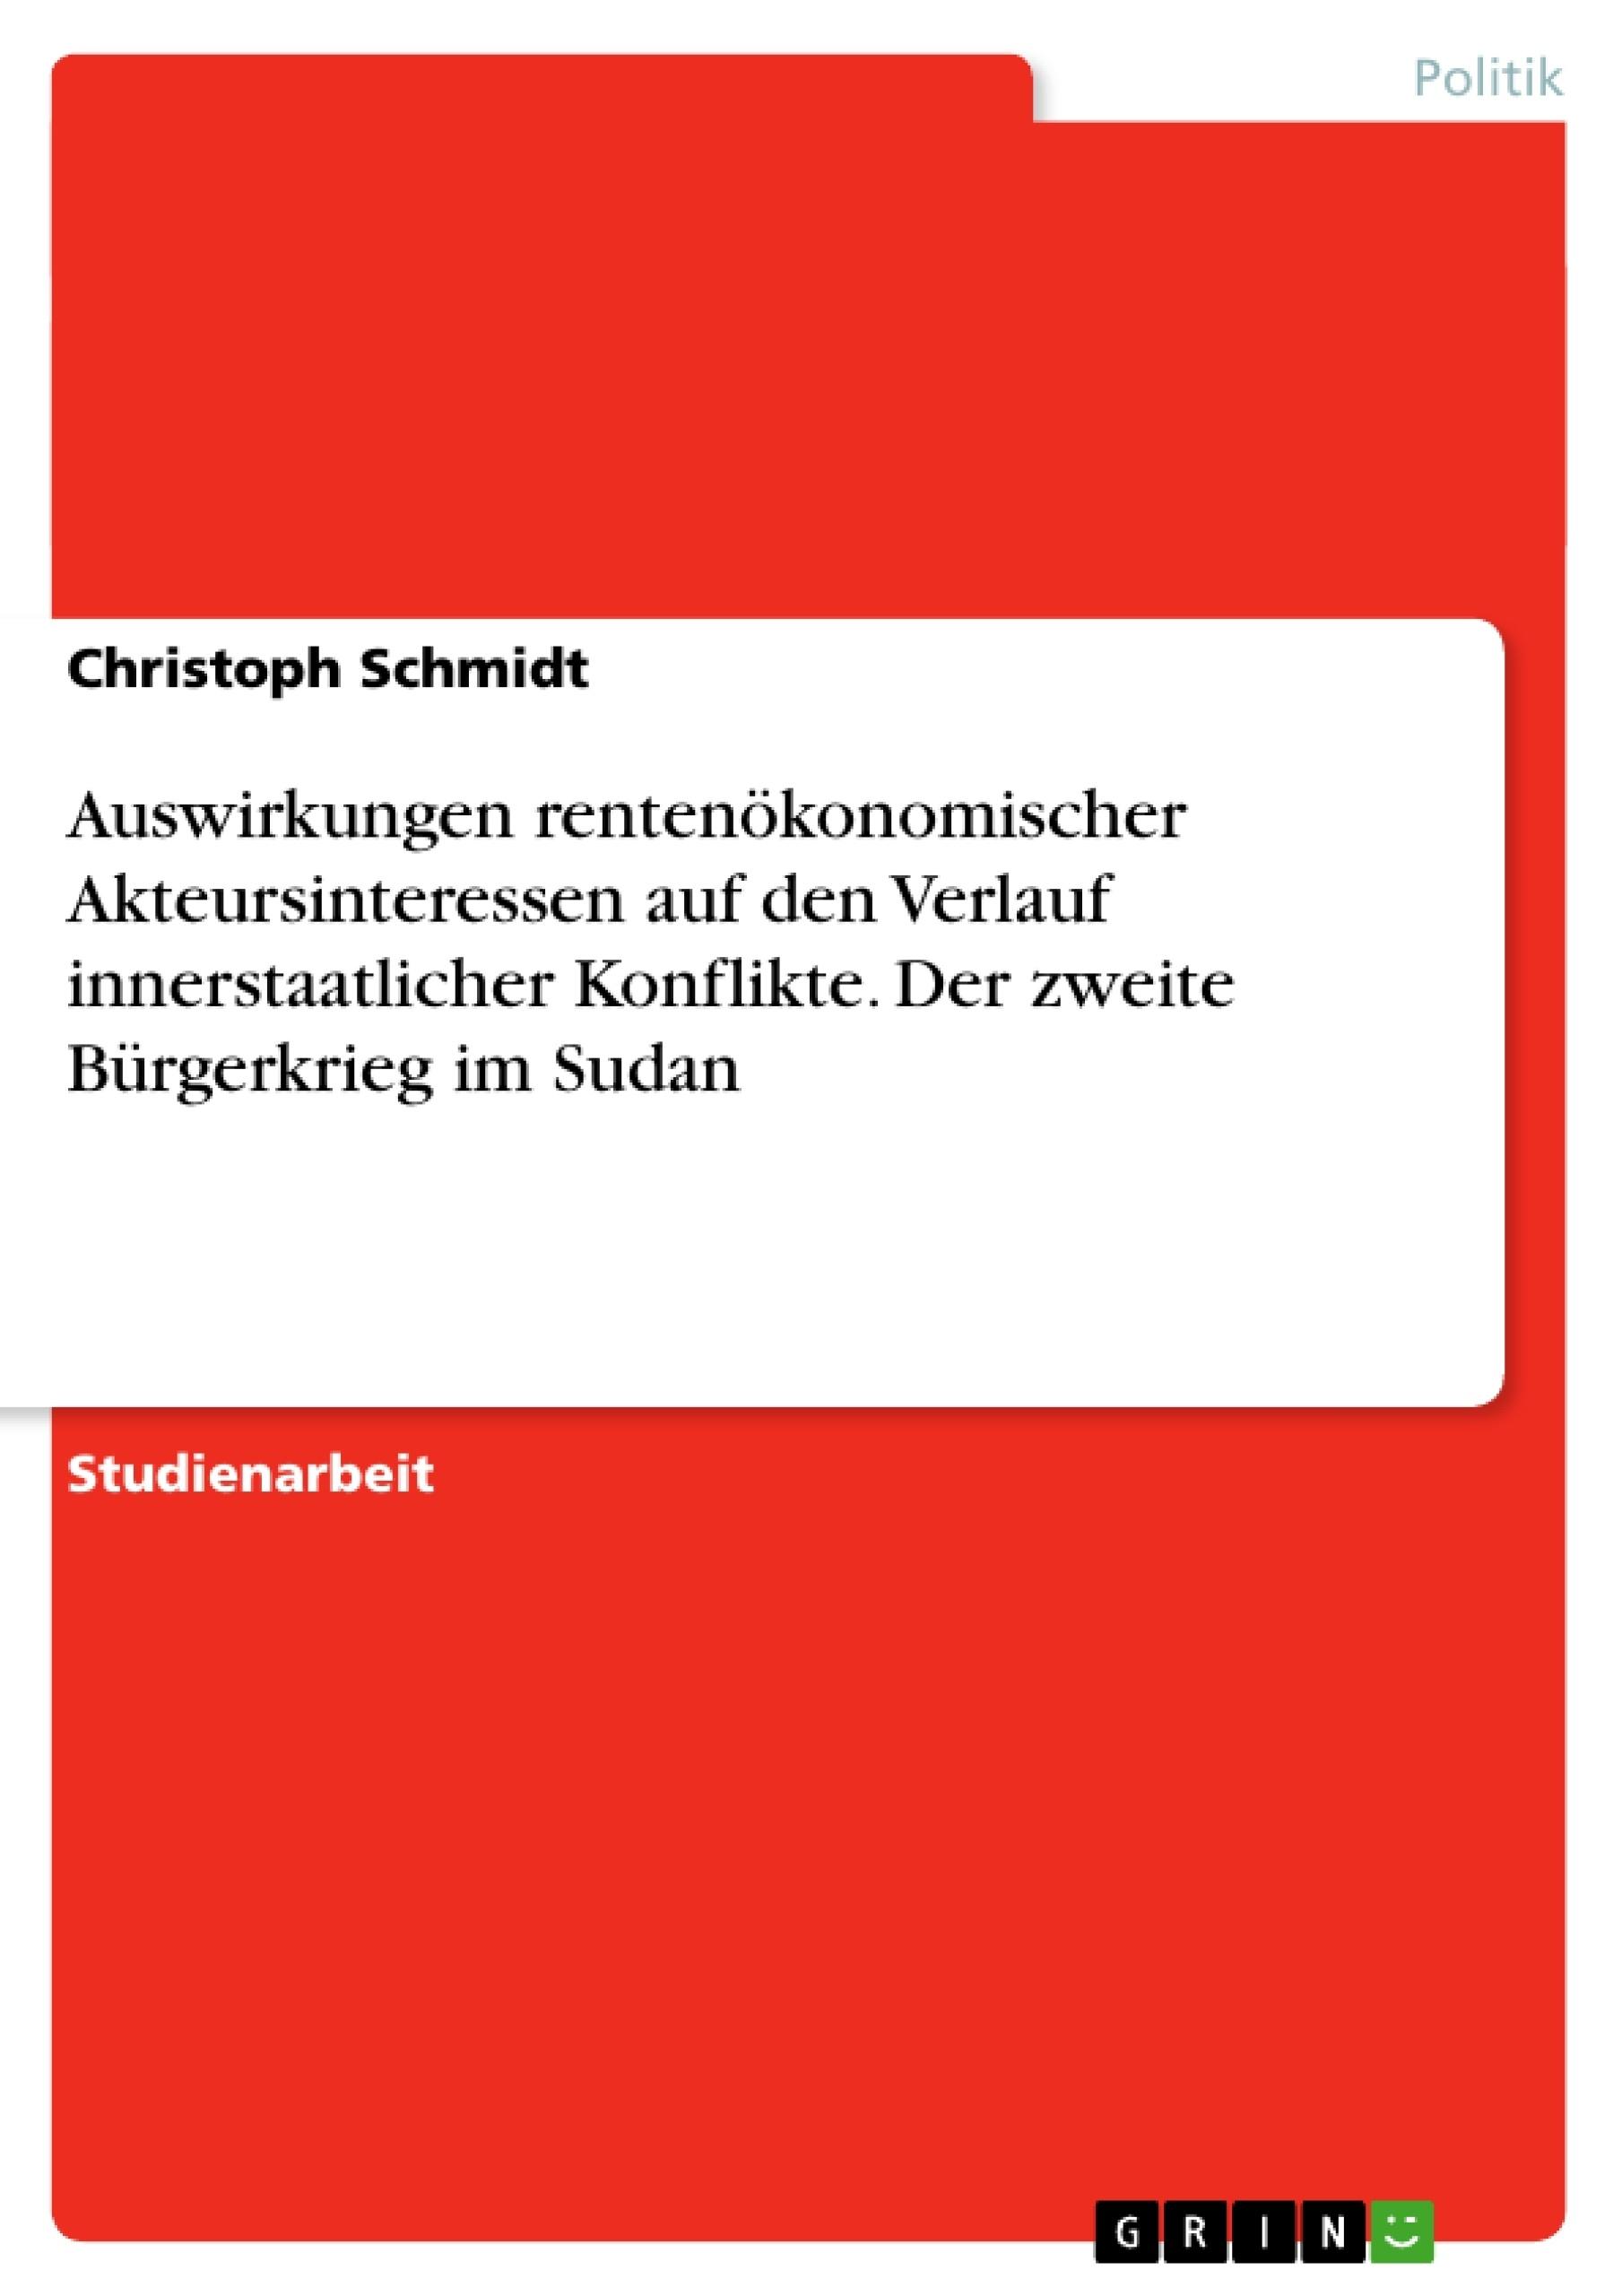 Titel: Auswirkungen rentenökonomischer Akteursinteressen auf den Verlauf innerstaatlicher Konflikte. Der zweite Bürgerkrieg im Sudan